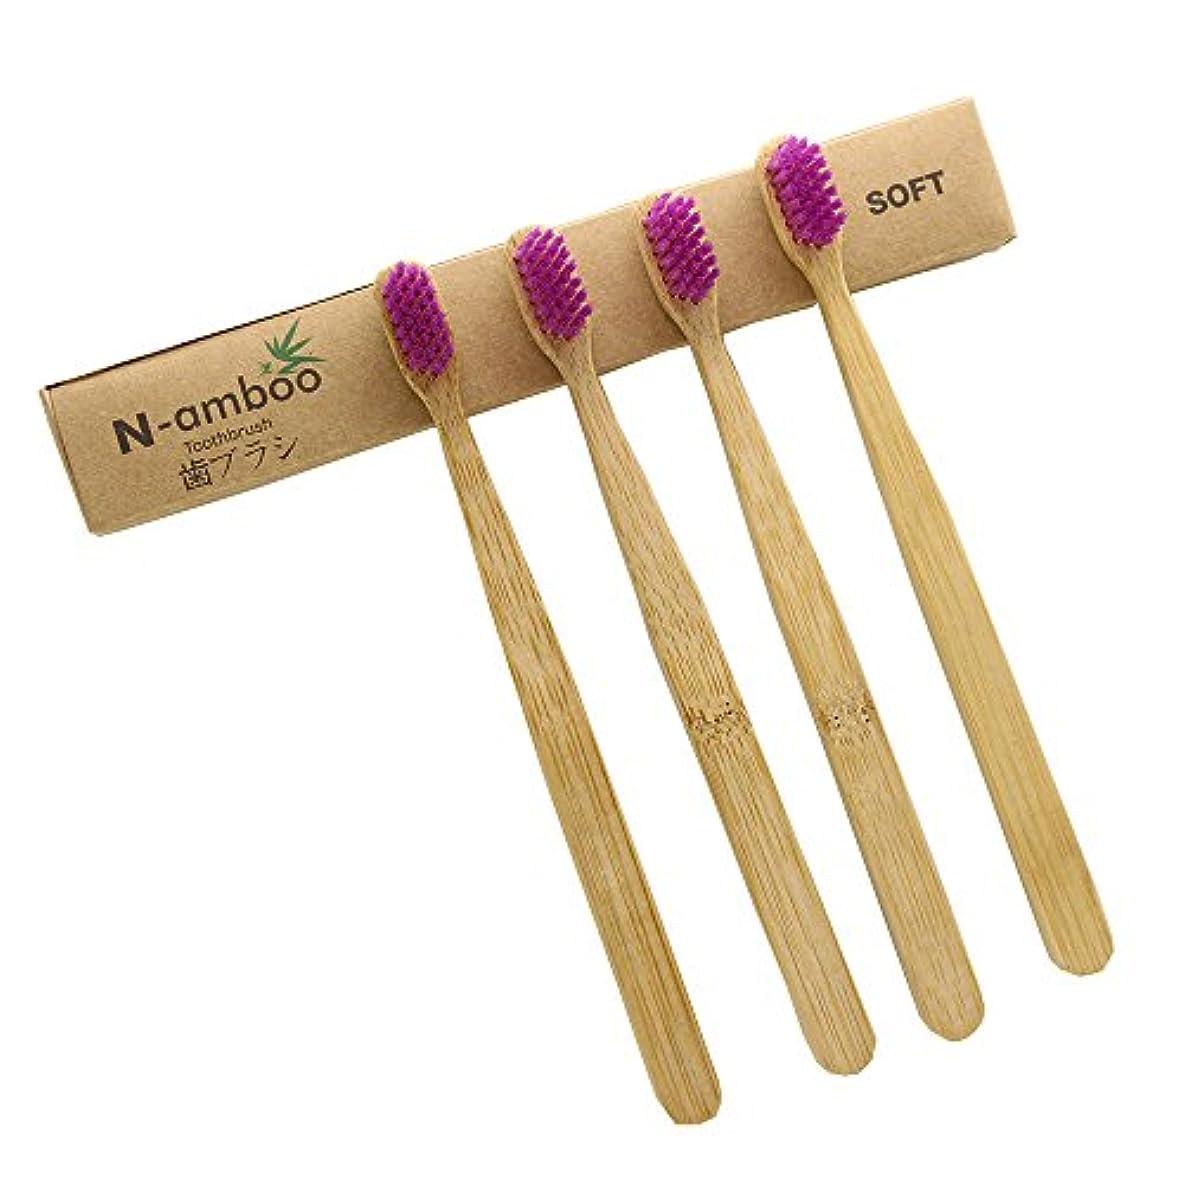 クラッシュセットするキャンパスN-amboo 竹製 歯ブラシ 高耐久性 むらさきいろ エコ 色あざやか (4本)